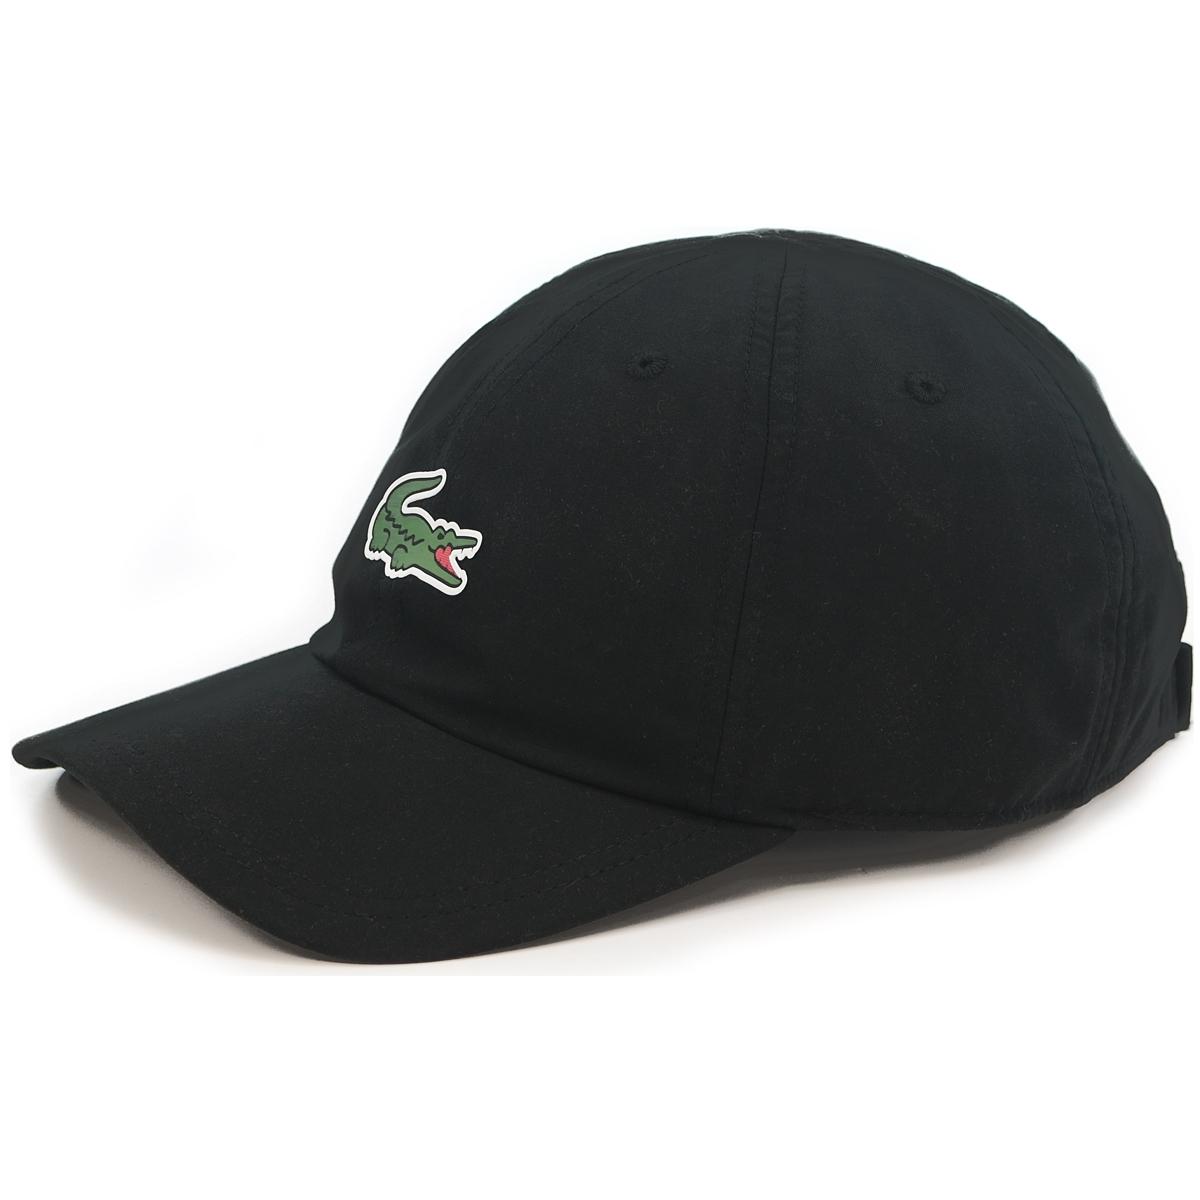 casquette lacoste noir